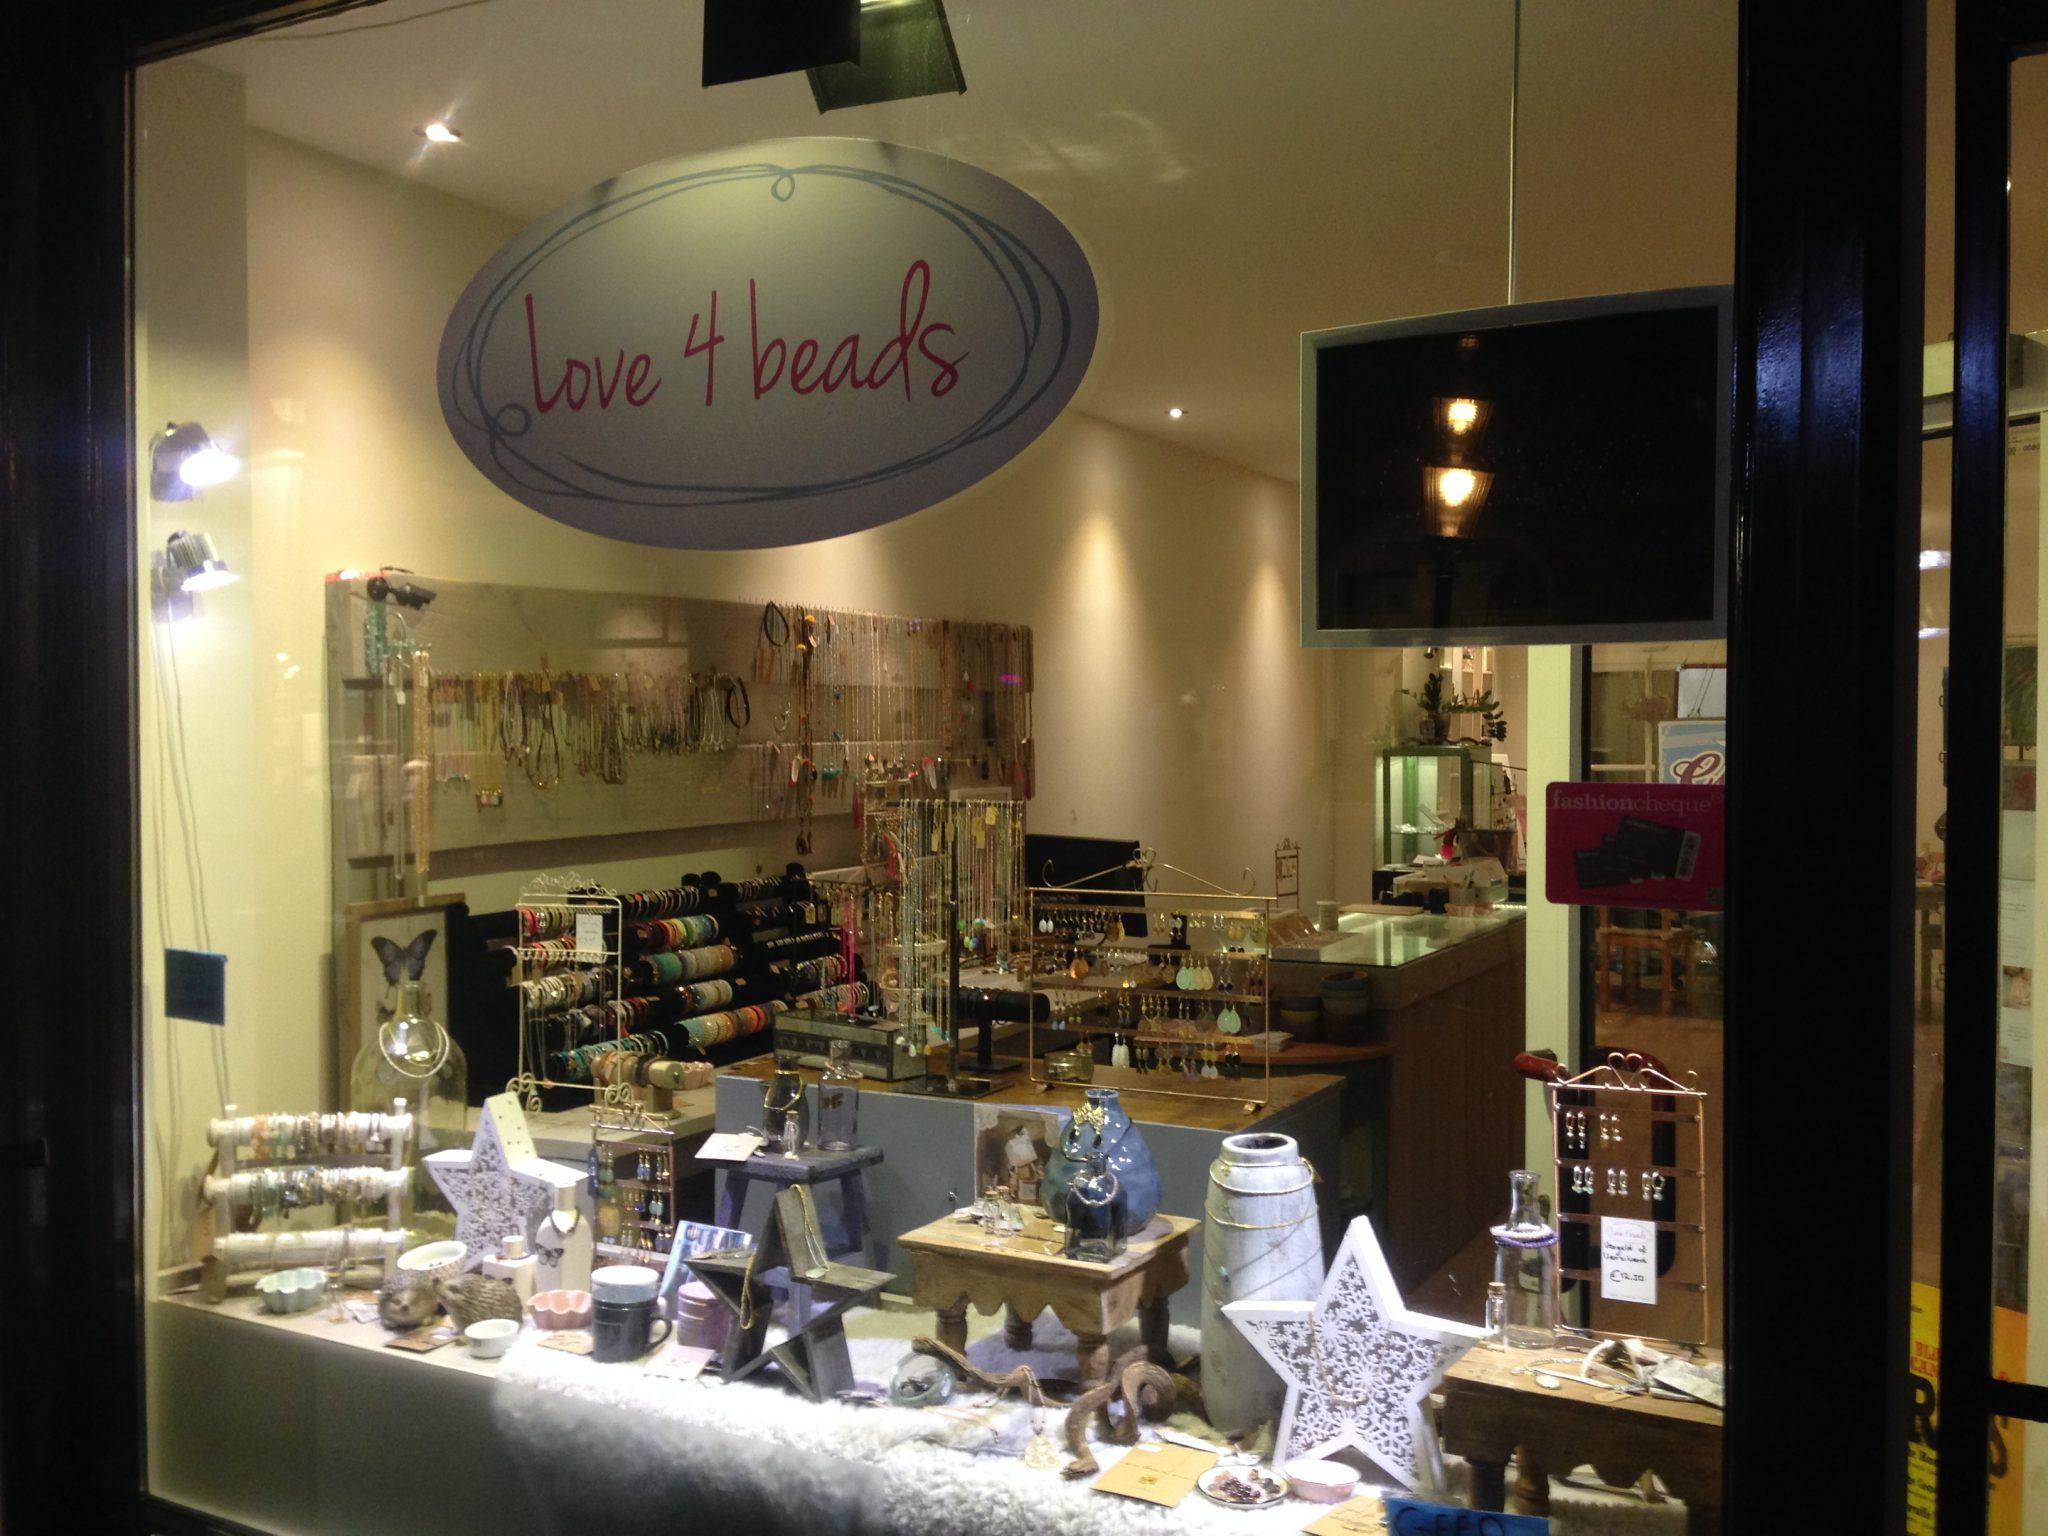 Love 4 beads Utrecht